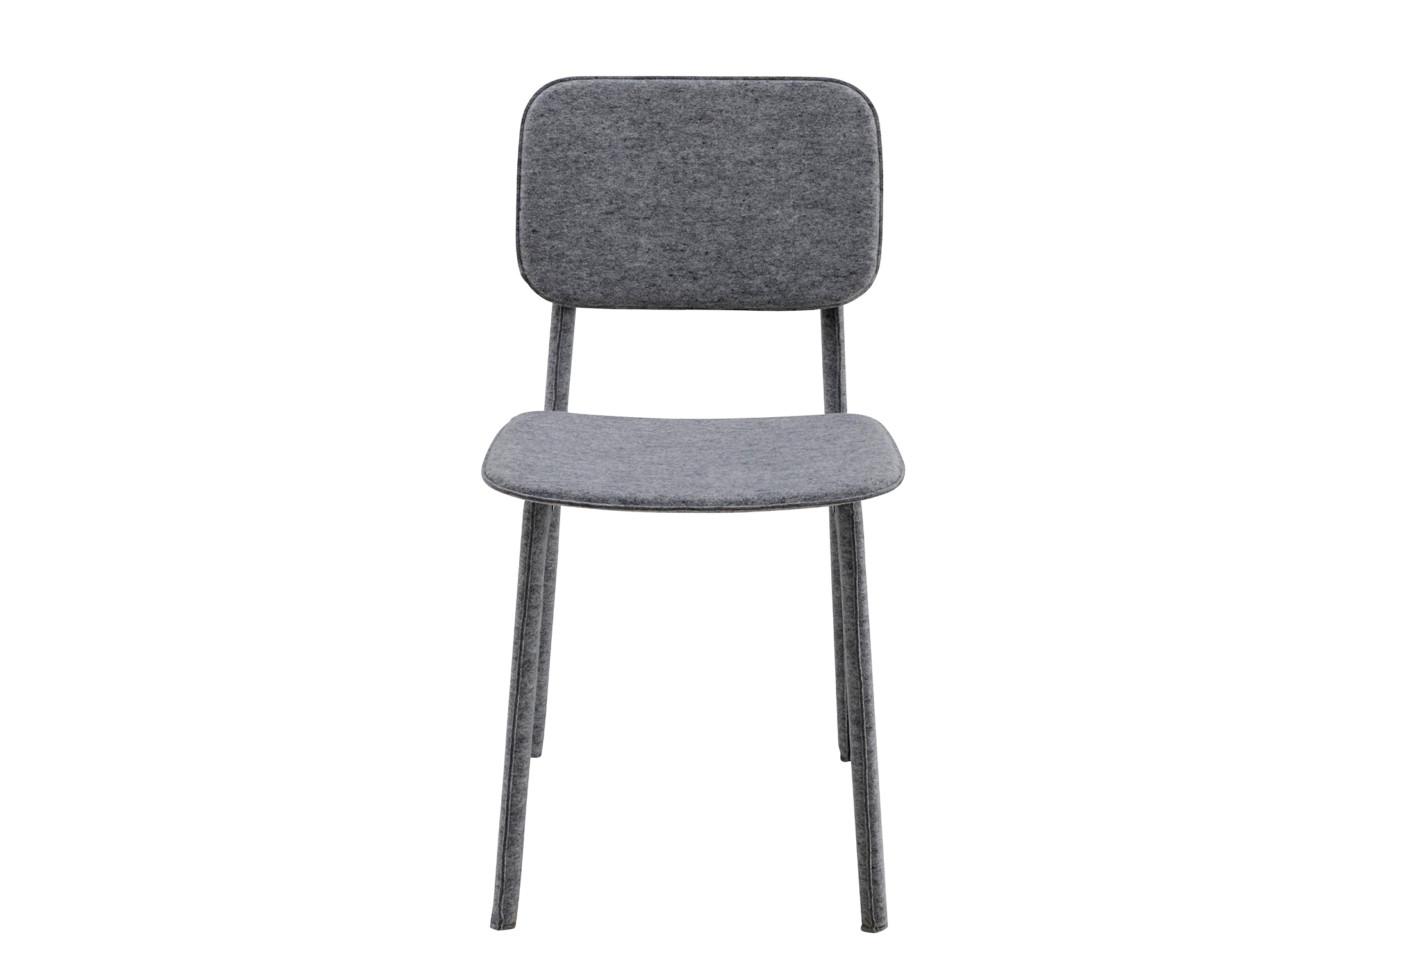 Felt Chair By Ligne Roset Stylepark